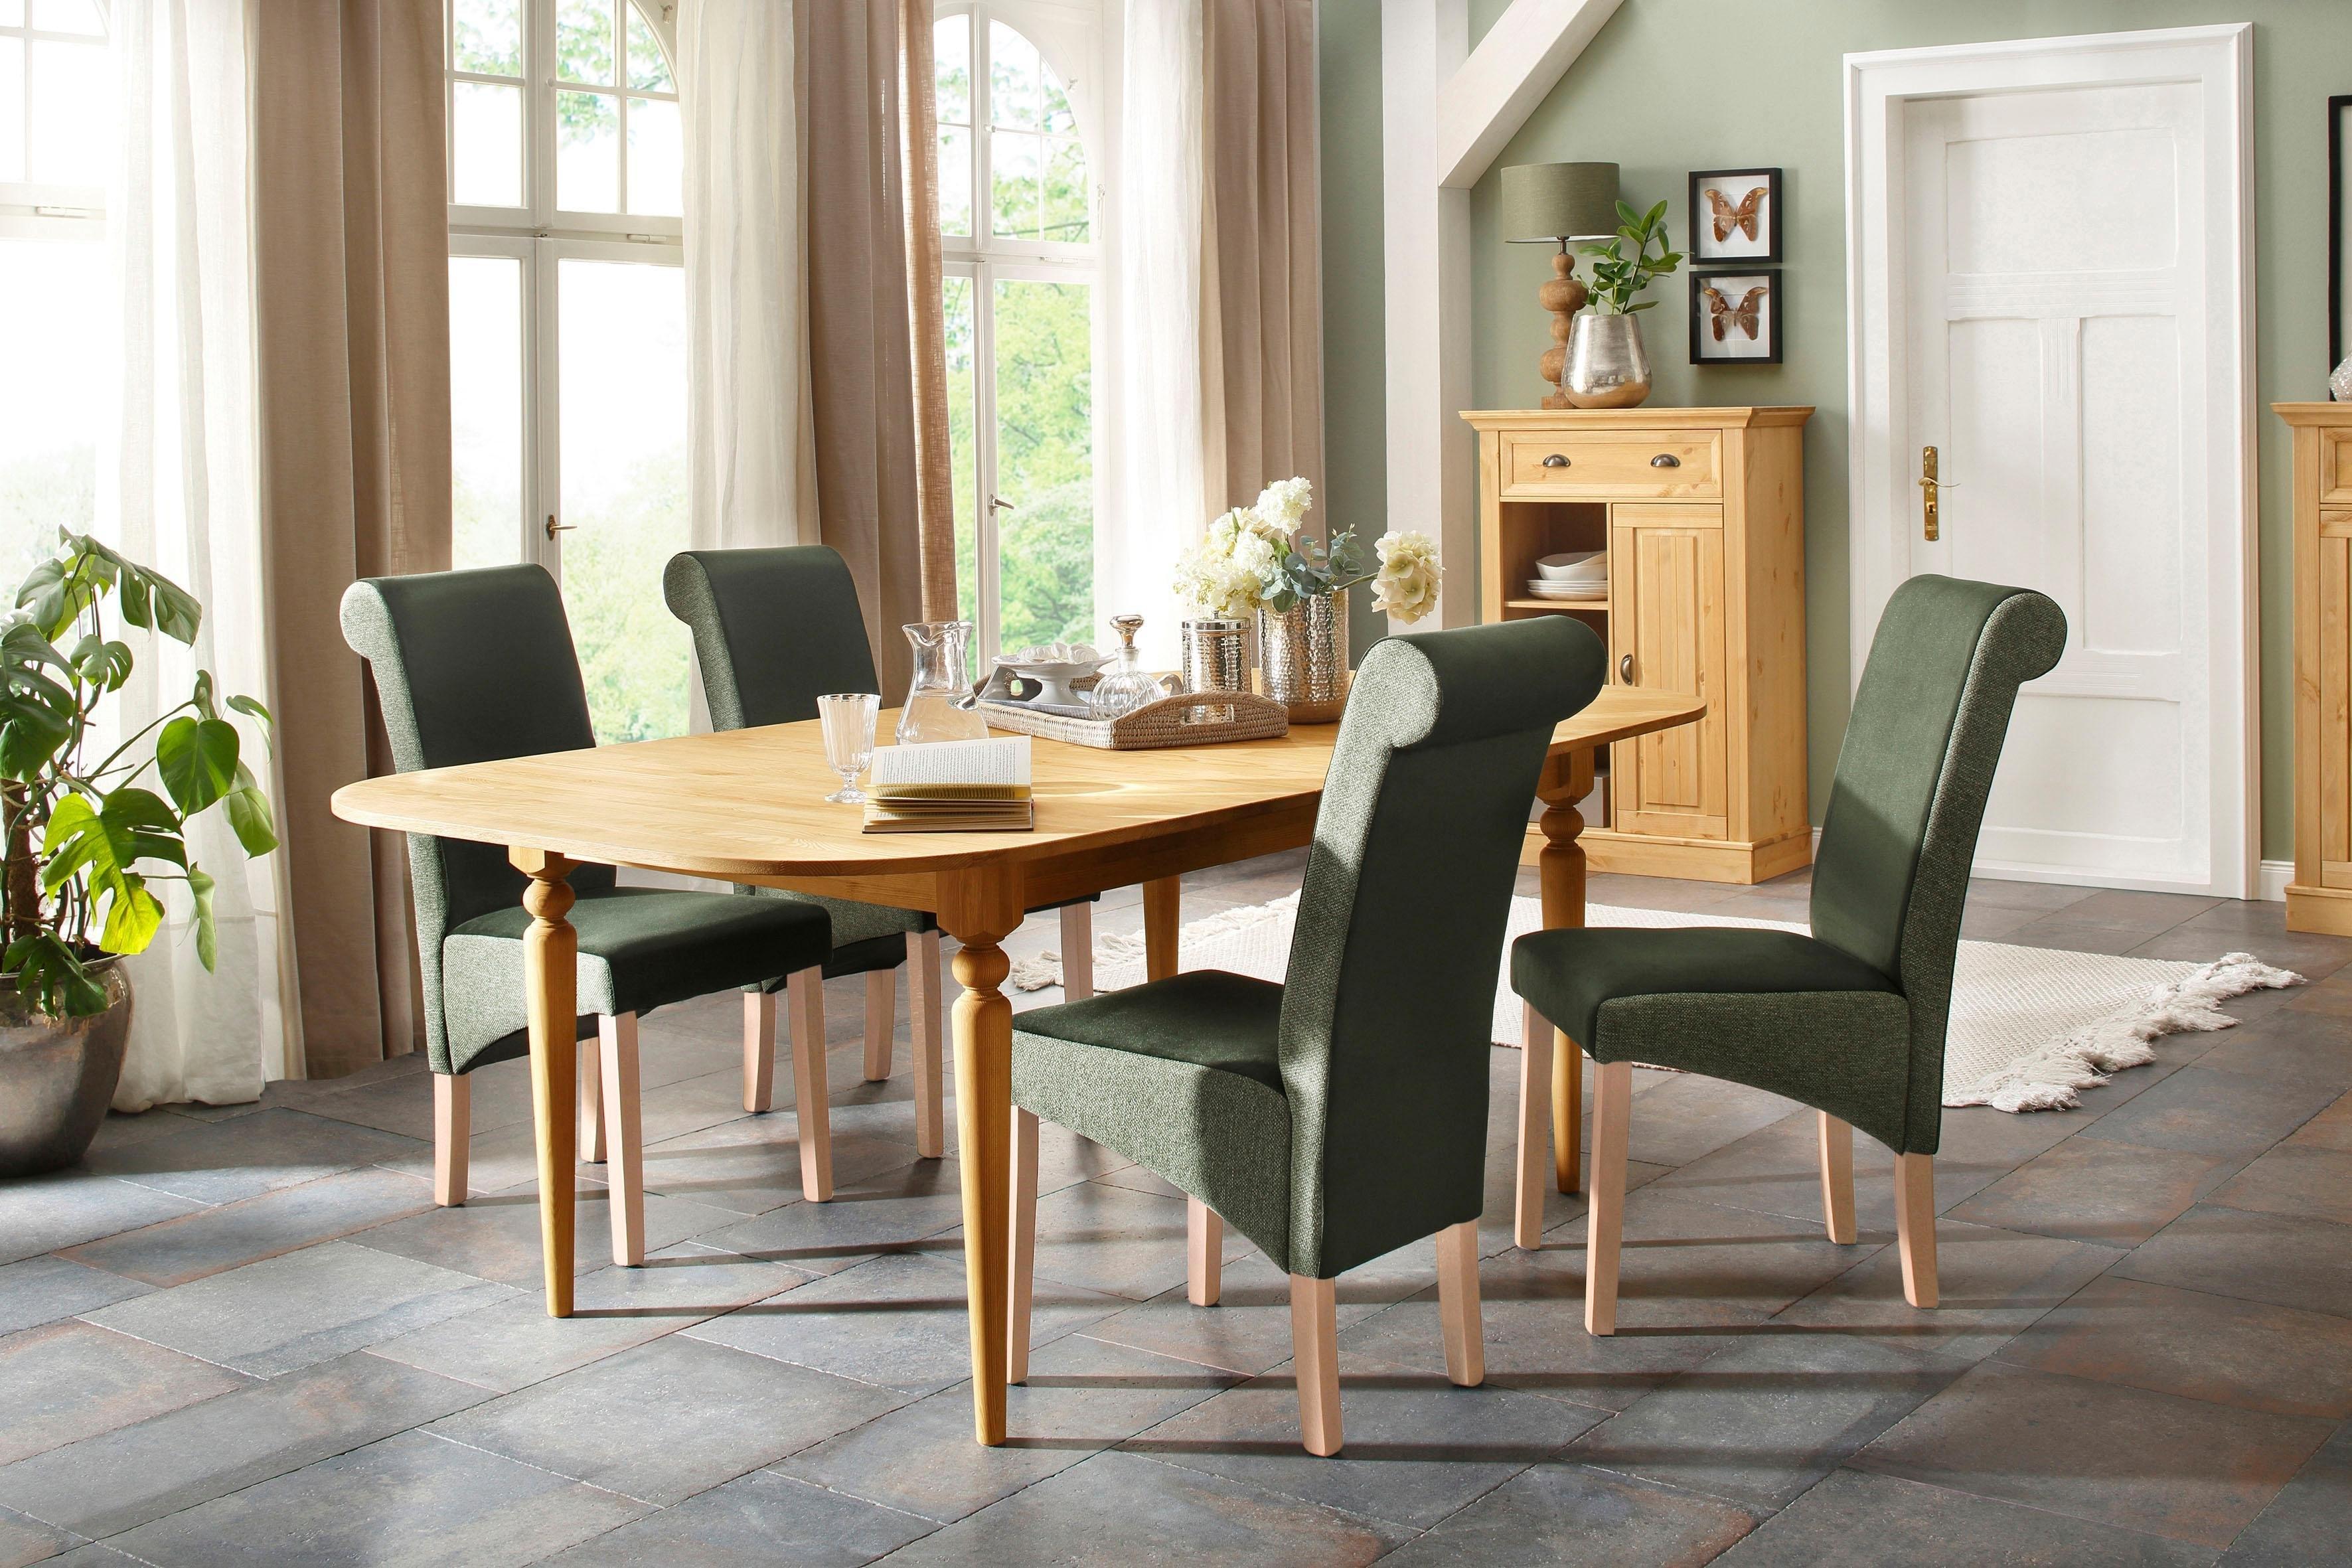 Home Affaire stoel »Silvi« (set van 2) voordelig en veilig online kopen